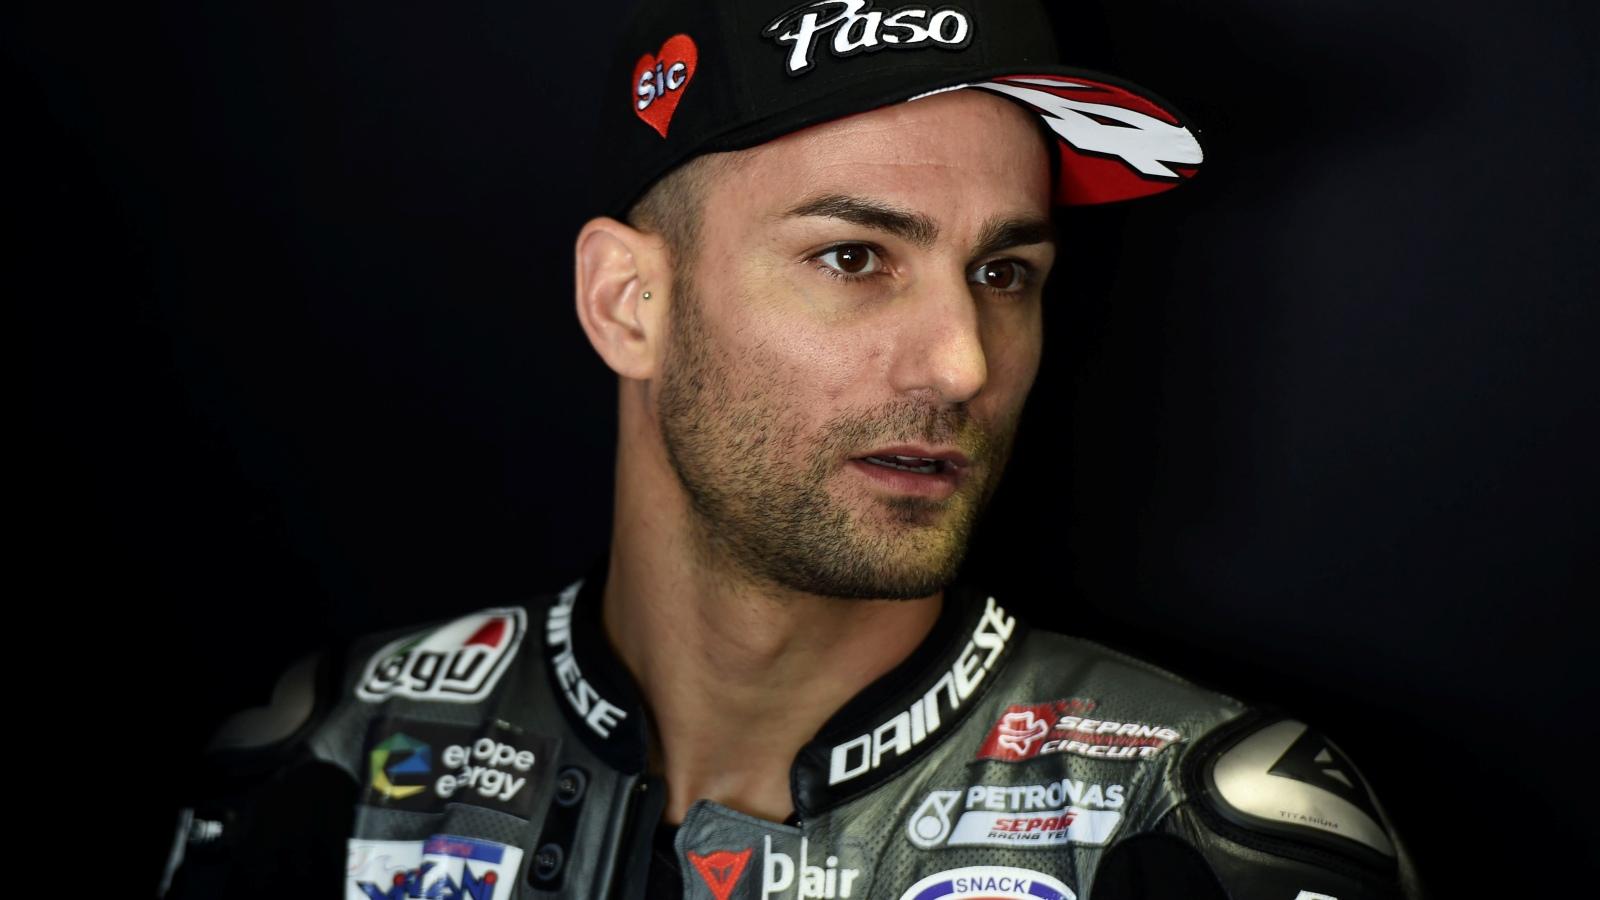 Mattia Pasini sustituye a Simone Corsi en Moto2 hasta el final de temporada